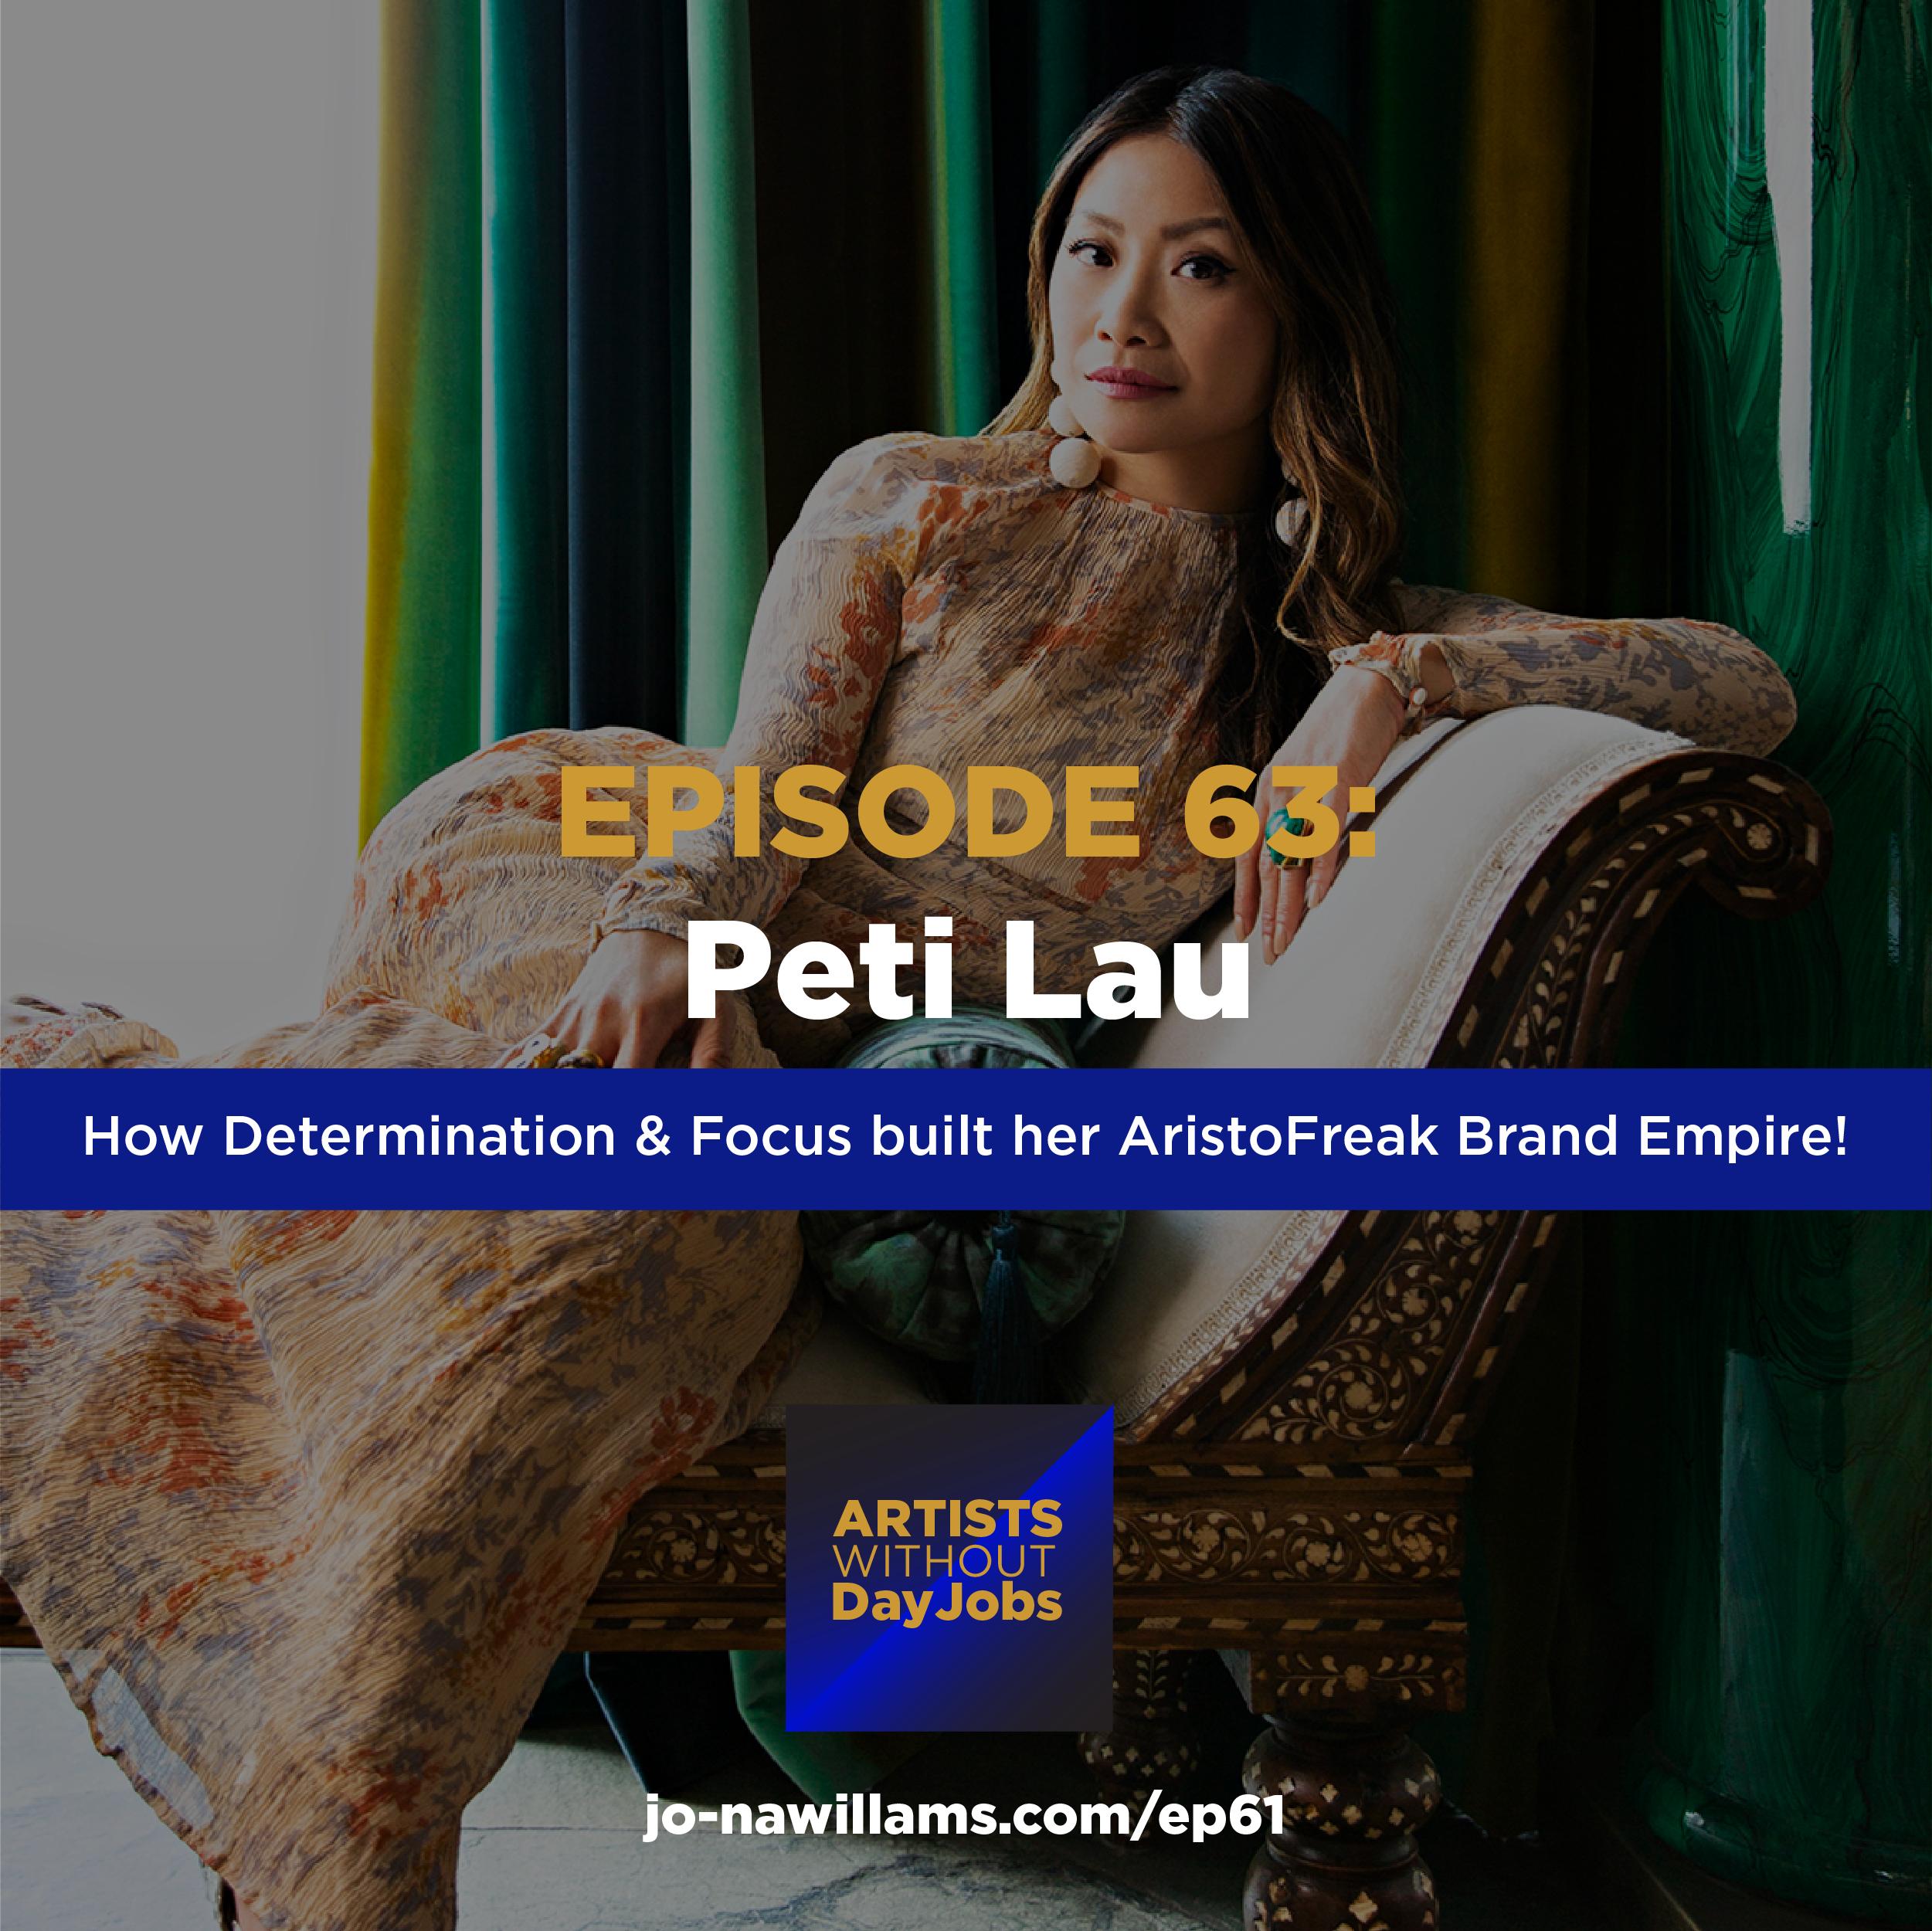 Ep 63: How determination & focus helped Peti Lau build her Interior design empire.